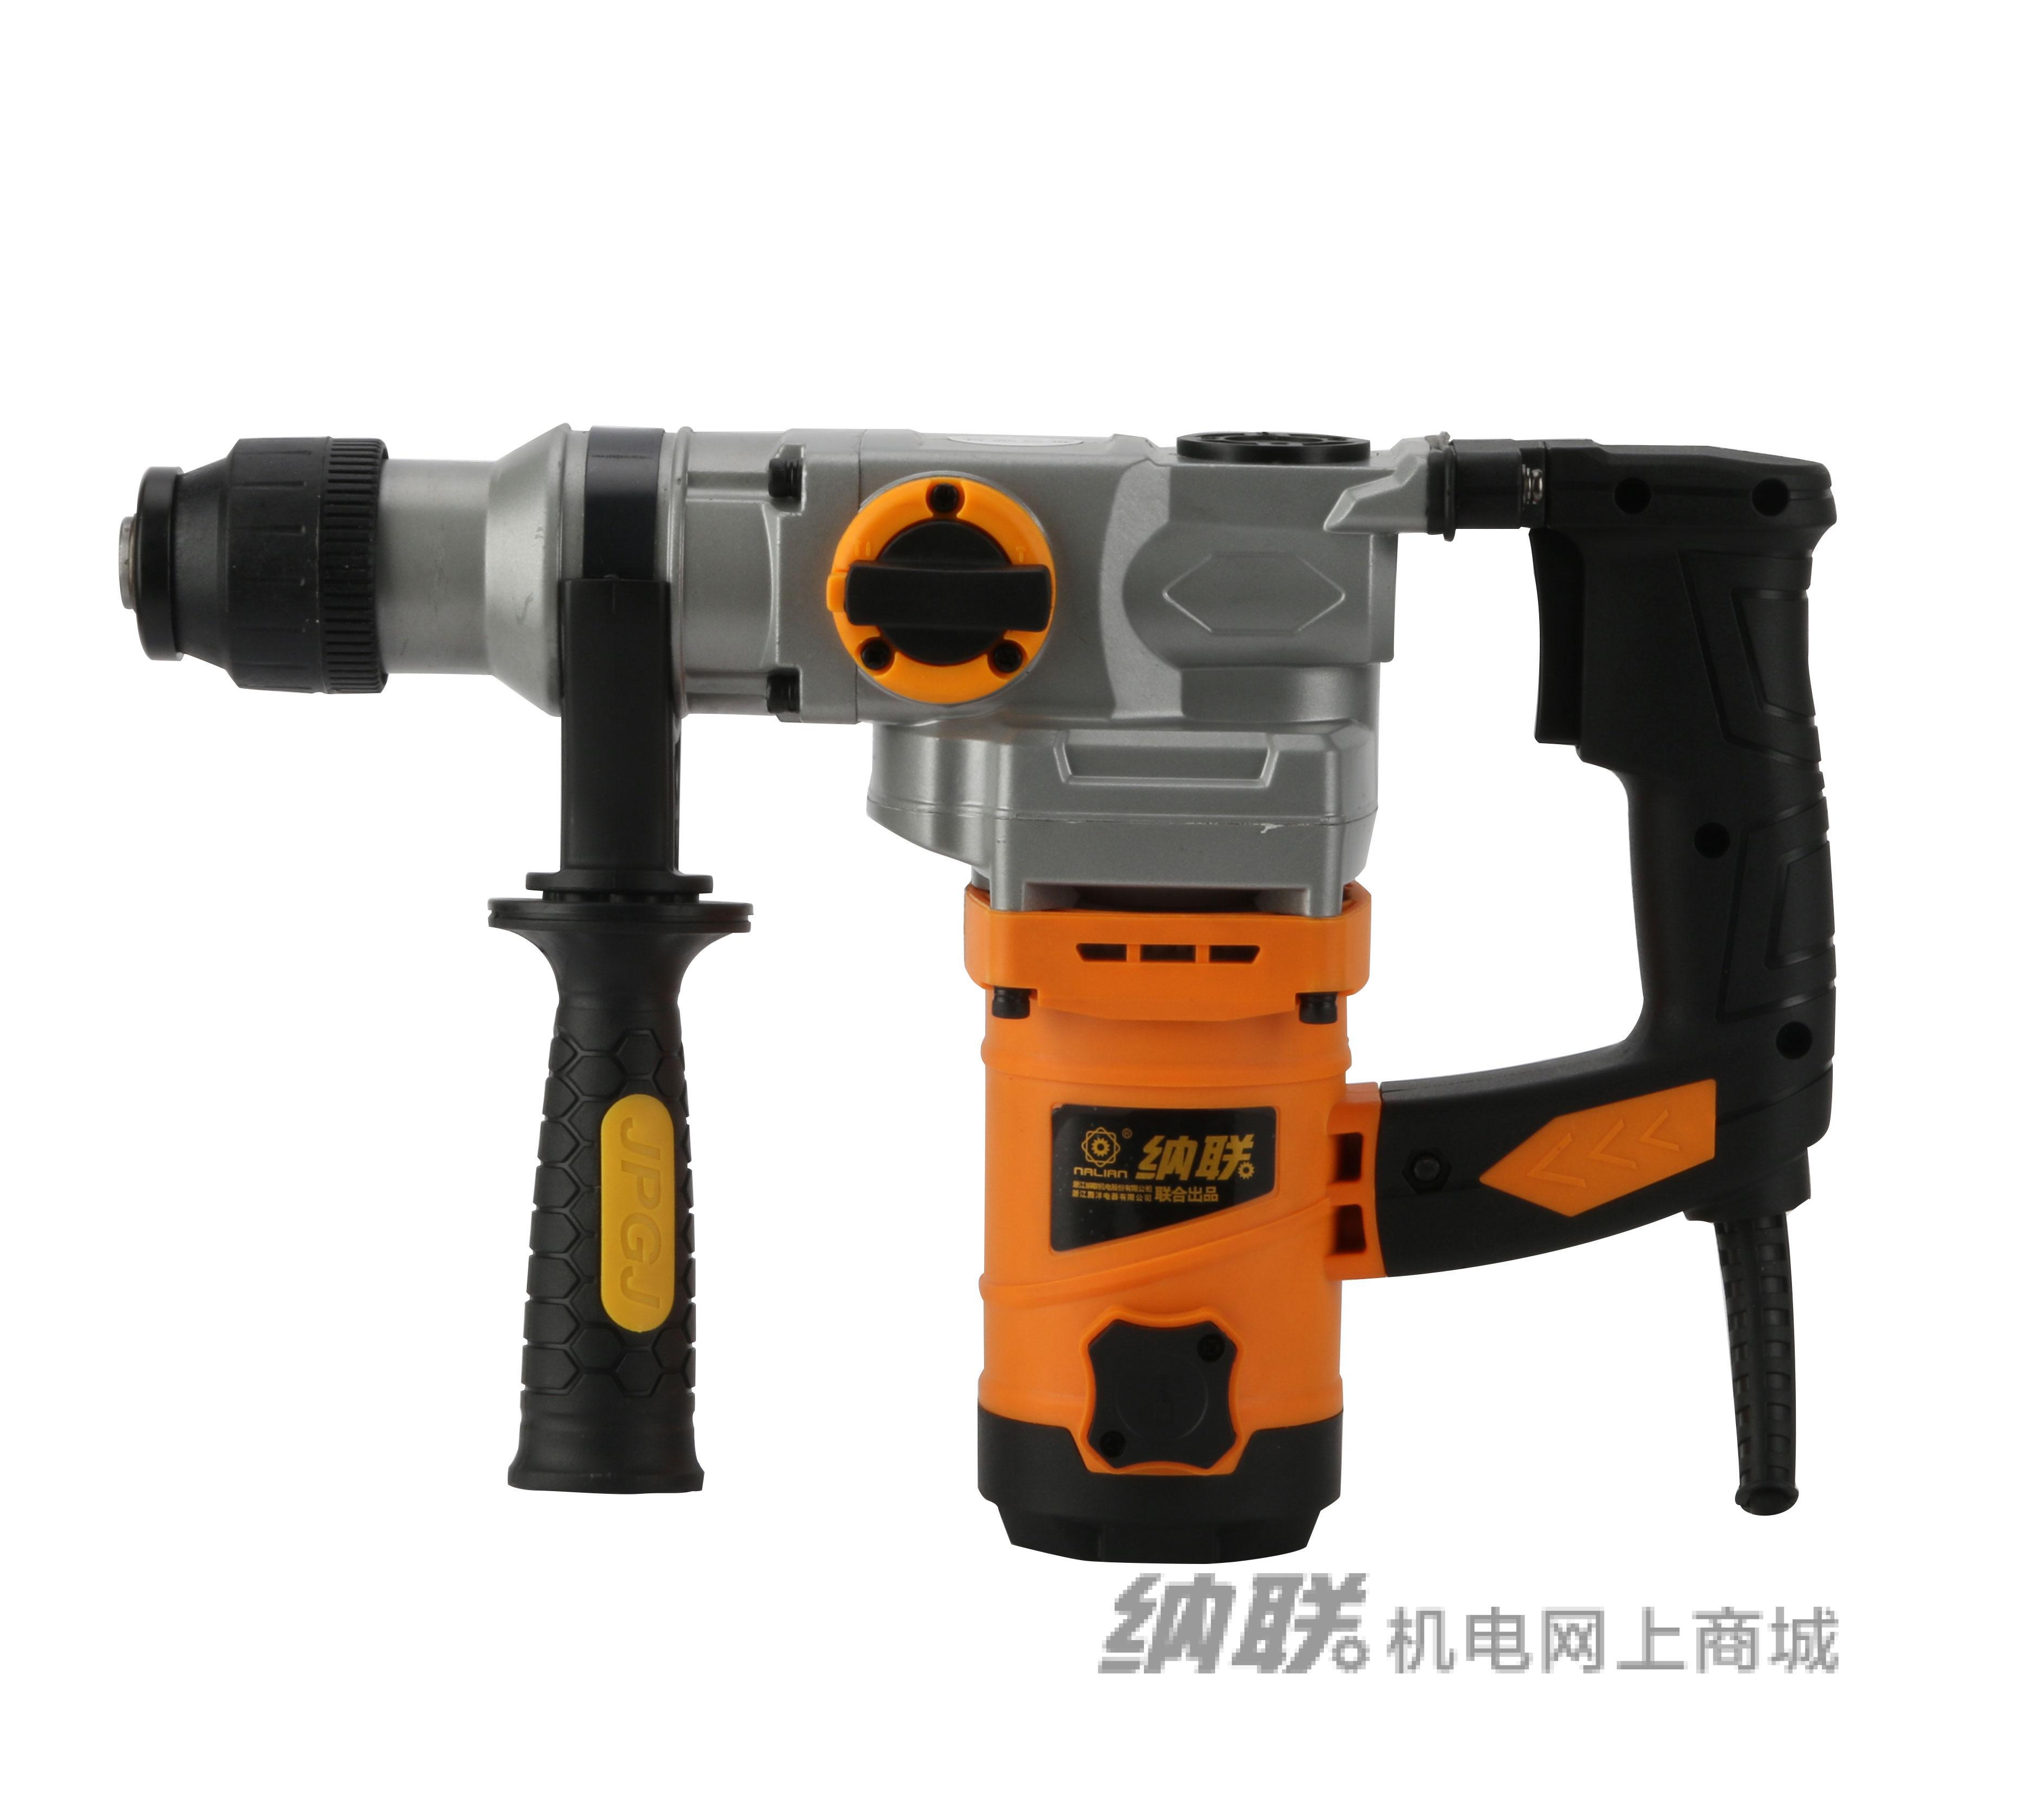 纳联机电 电锤-Z1A2-30SRE/1100W双用工业级